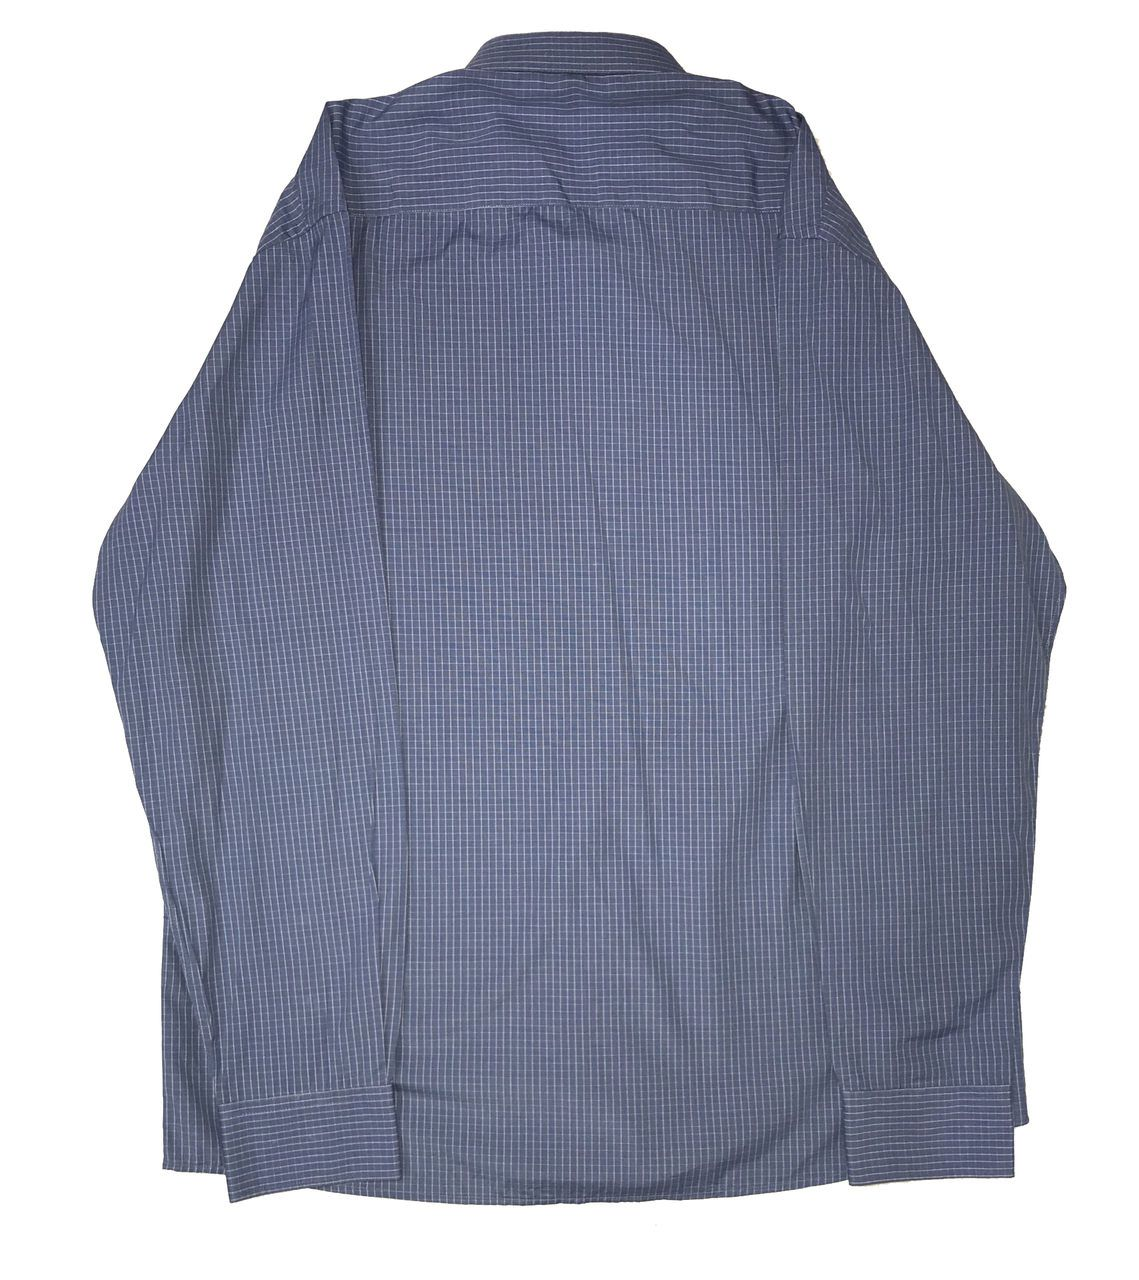 Camisa Xadrez Masculina  - Boutique Mangalarga